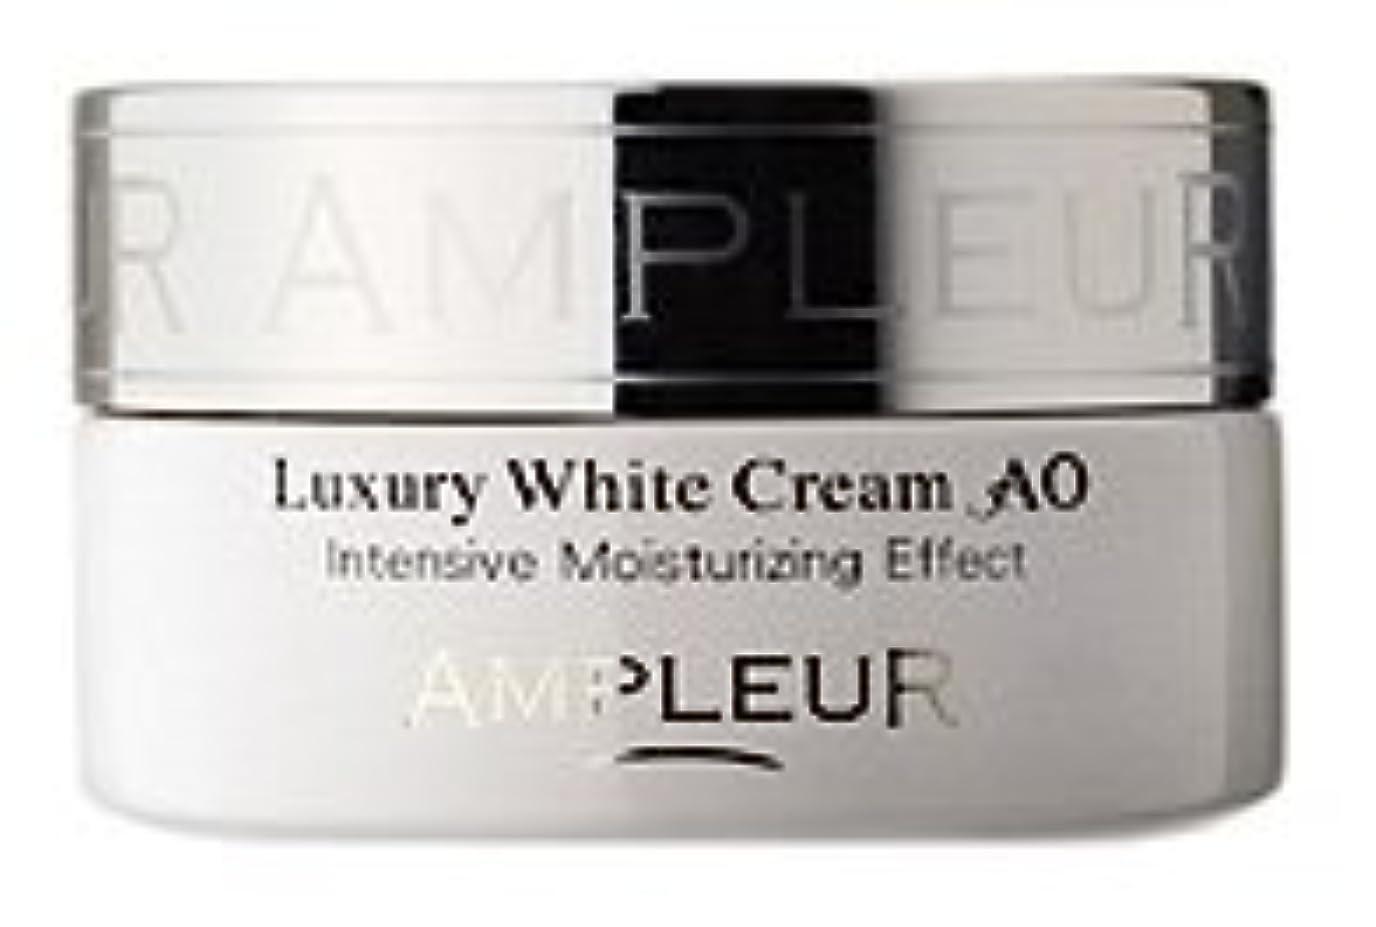 香水キルスパラシュートアンプルール ラグジュアリーホワイト クリームAO 30g